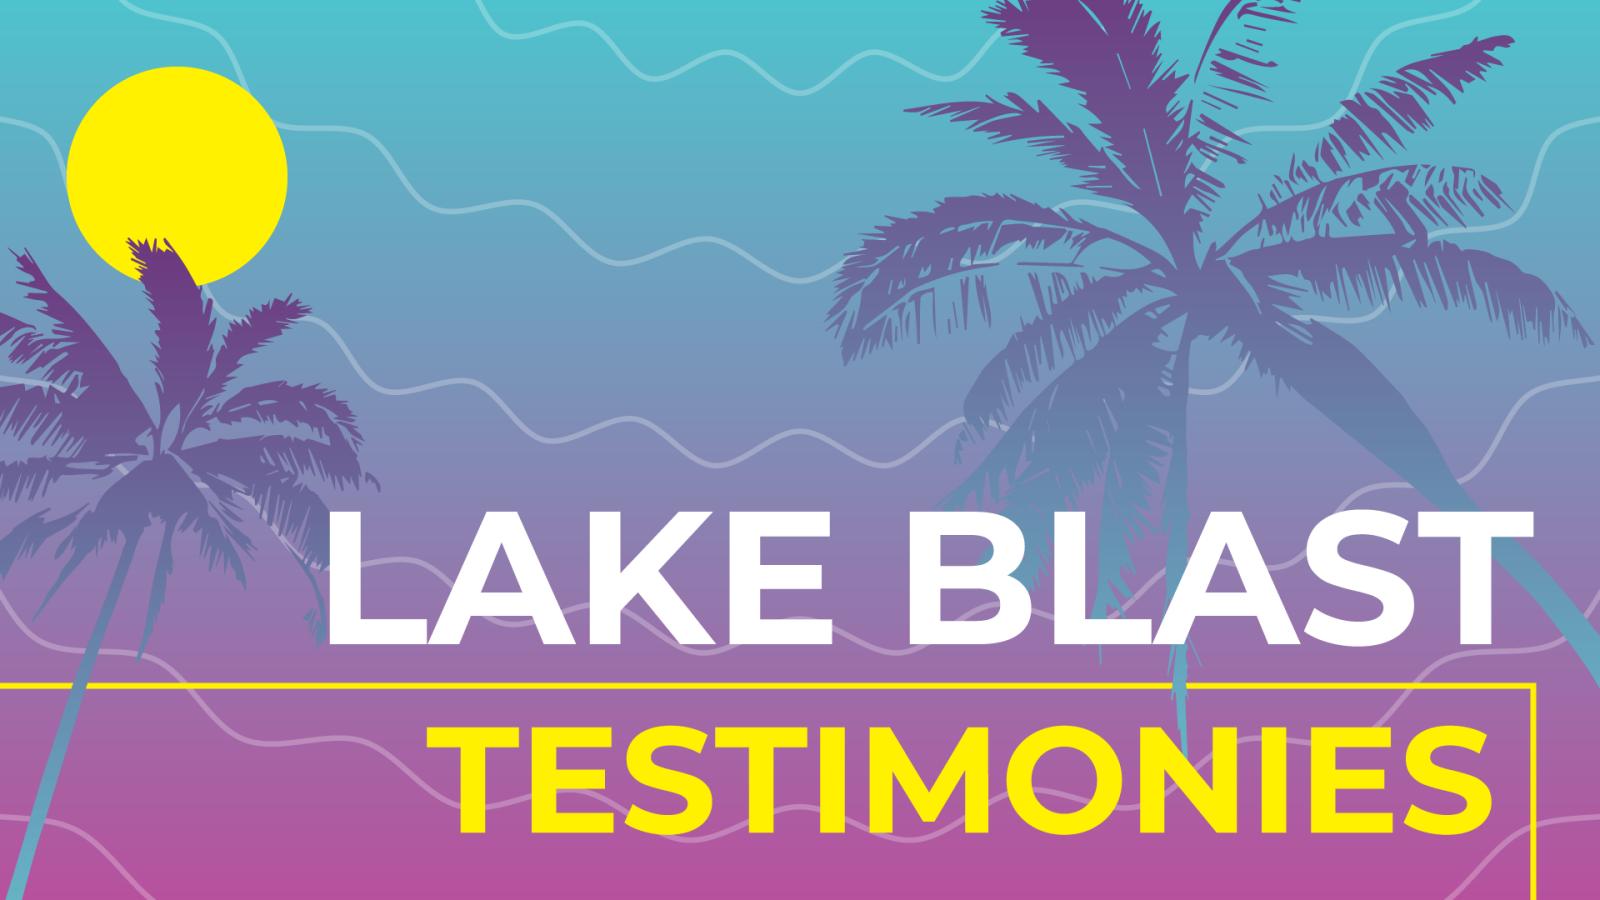 Lake Blast Testimonies